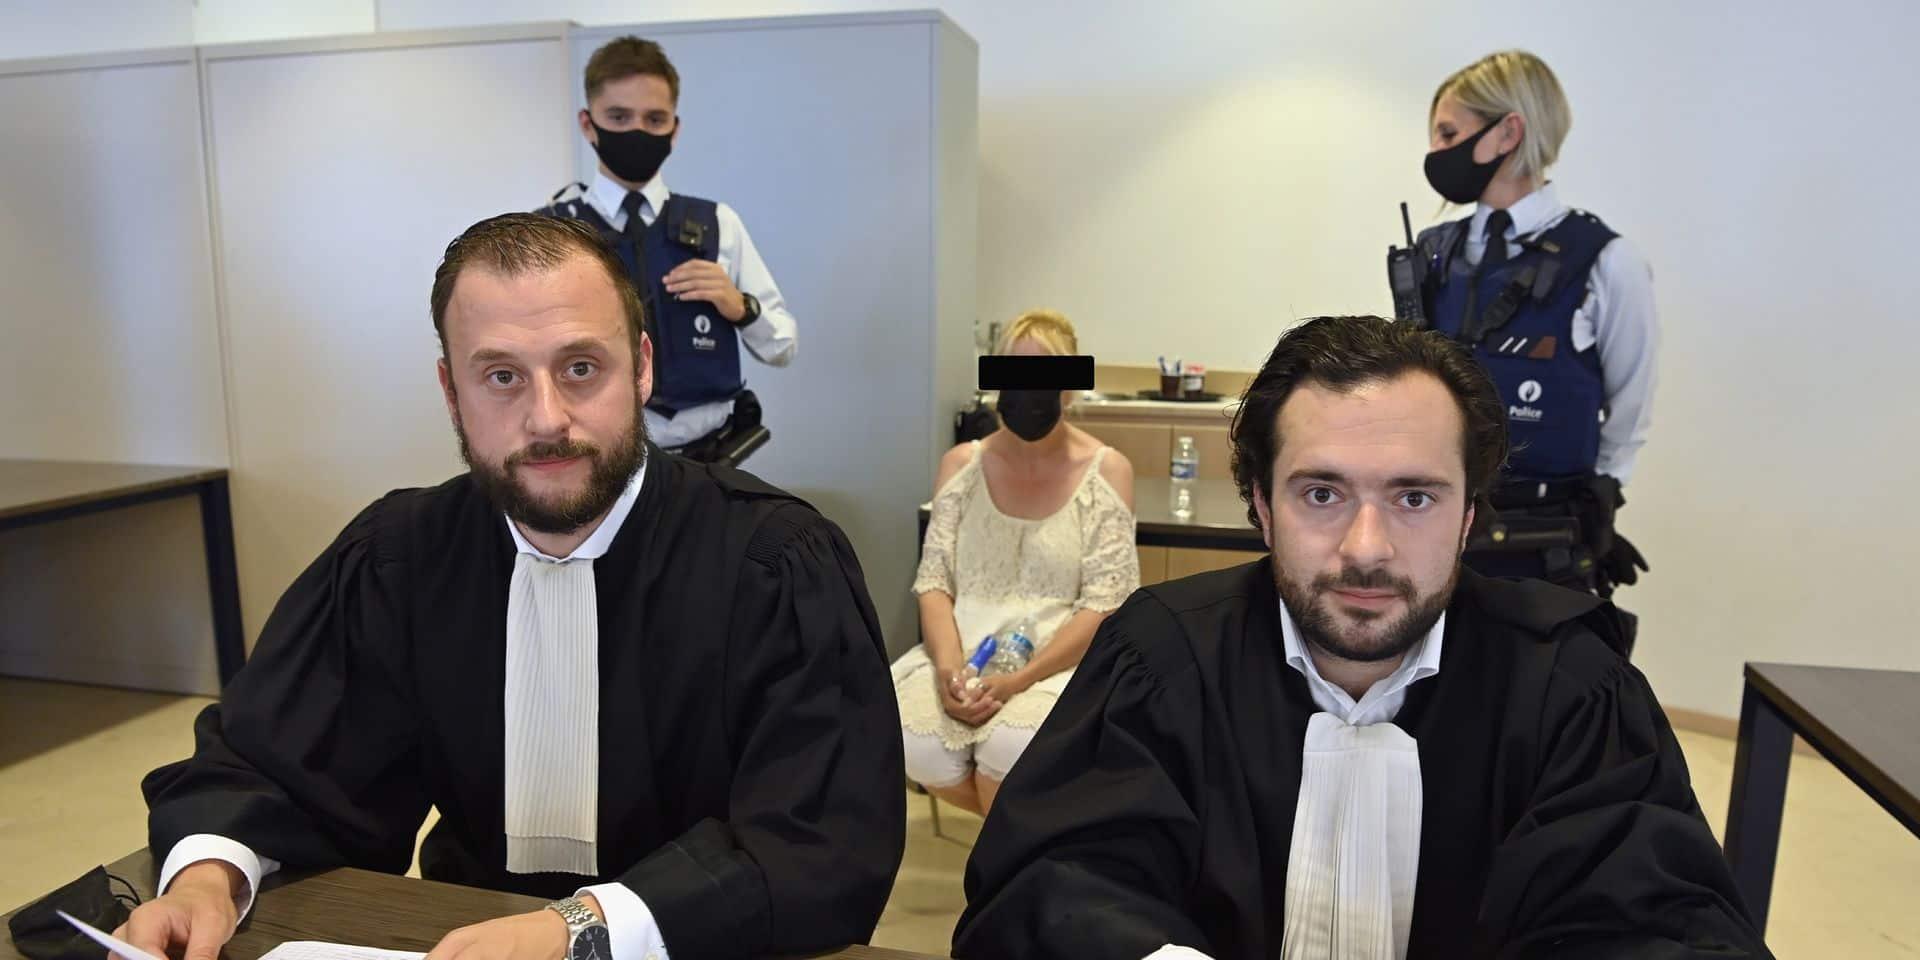 Assises Liège - La défense de Carine Gilsoul plaide la légitime défense et l'excuse de provocation